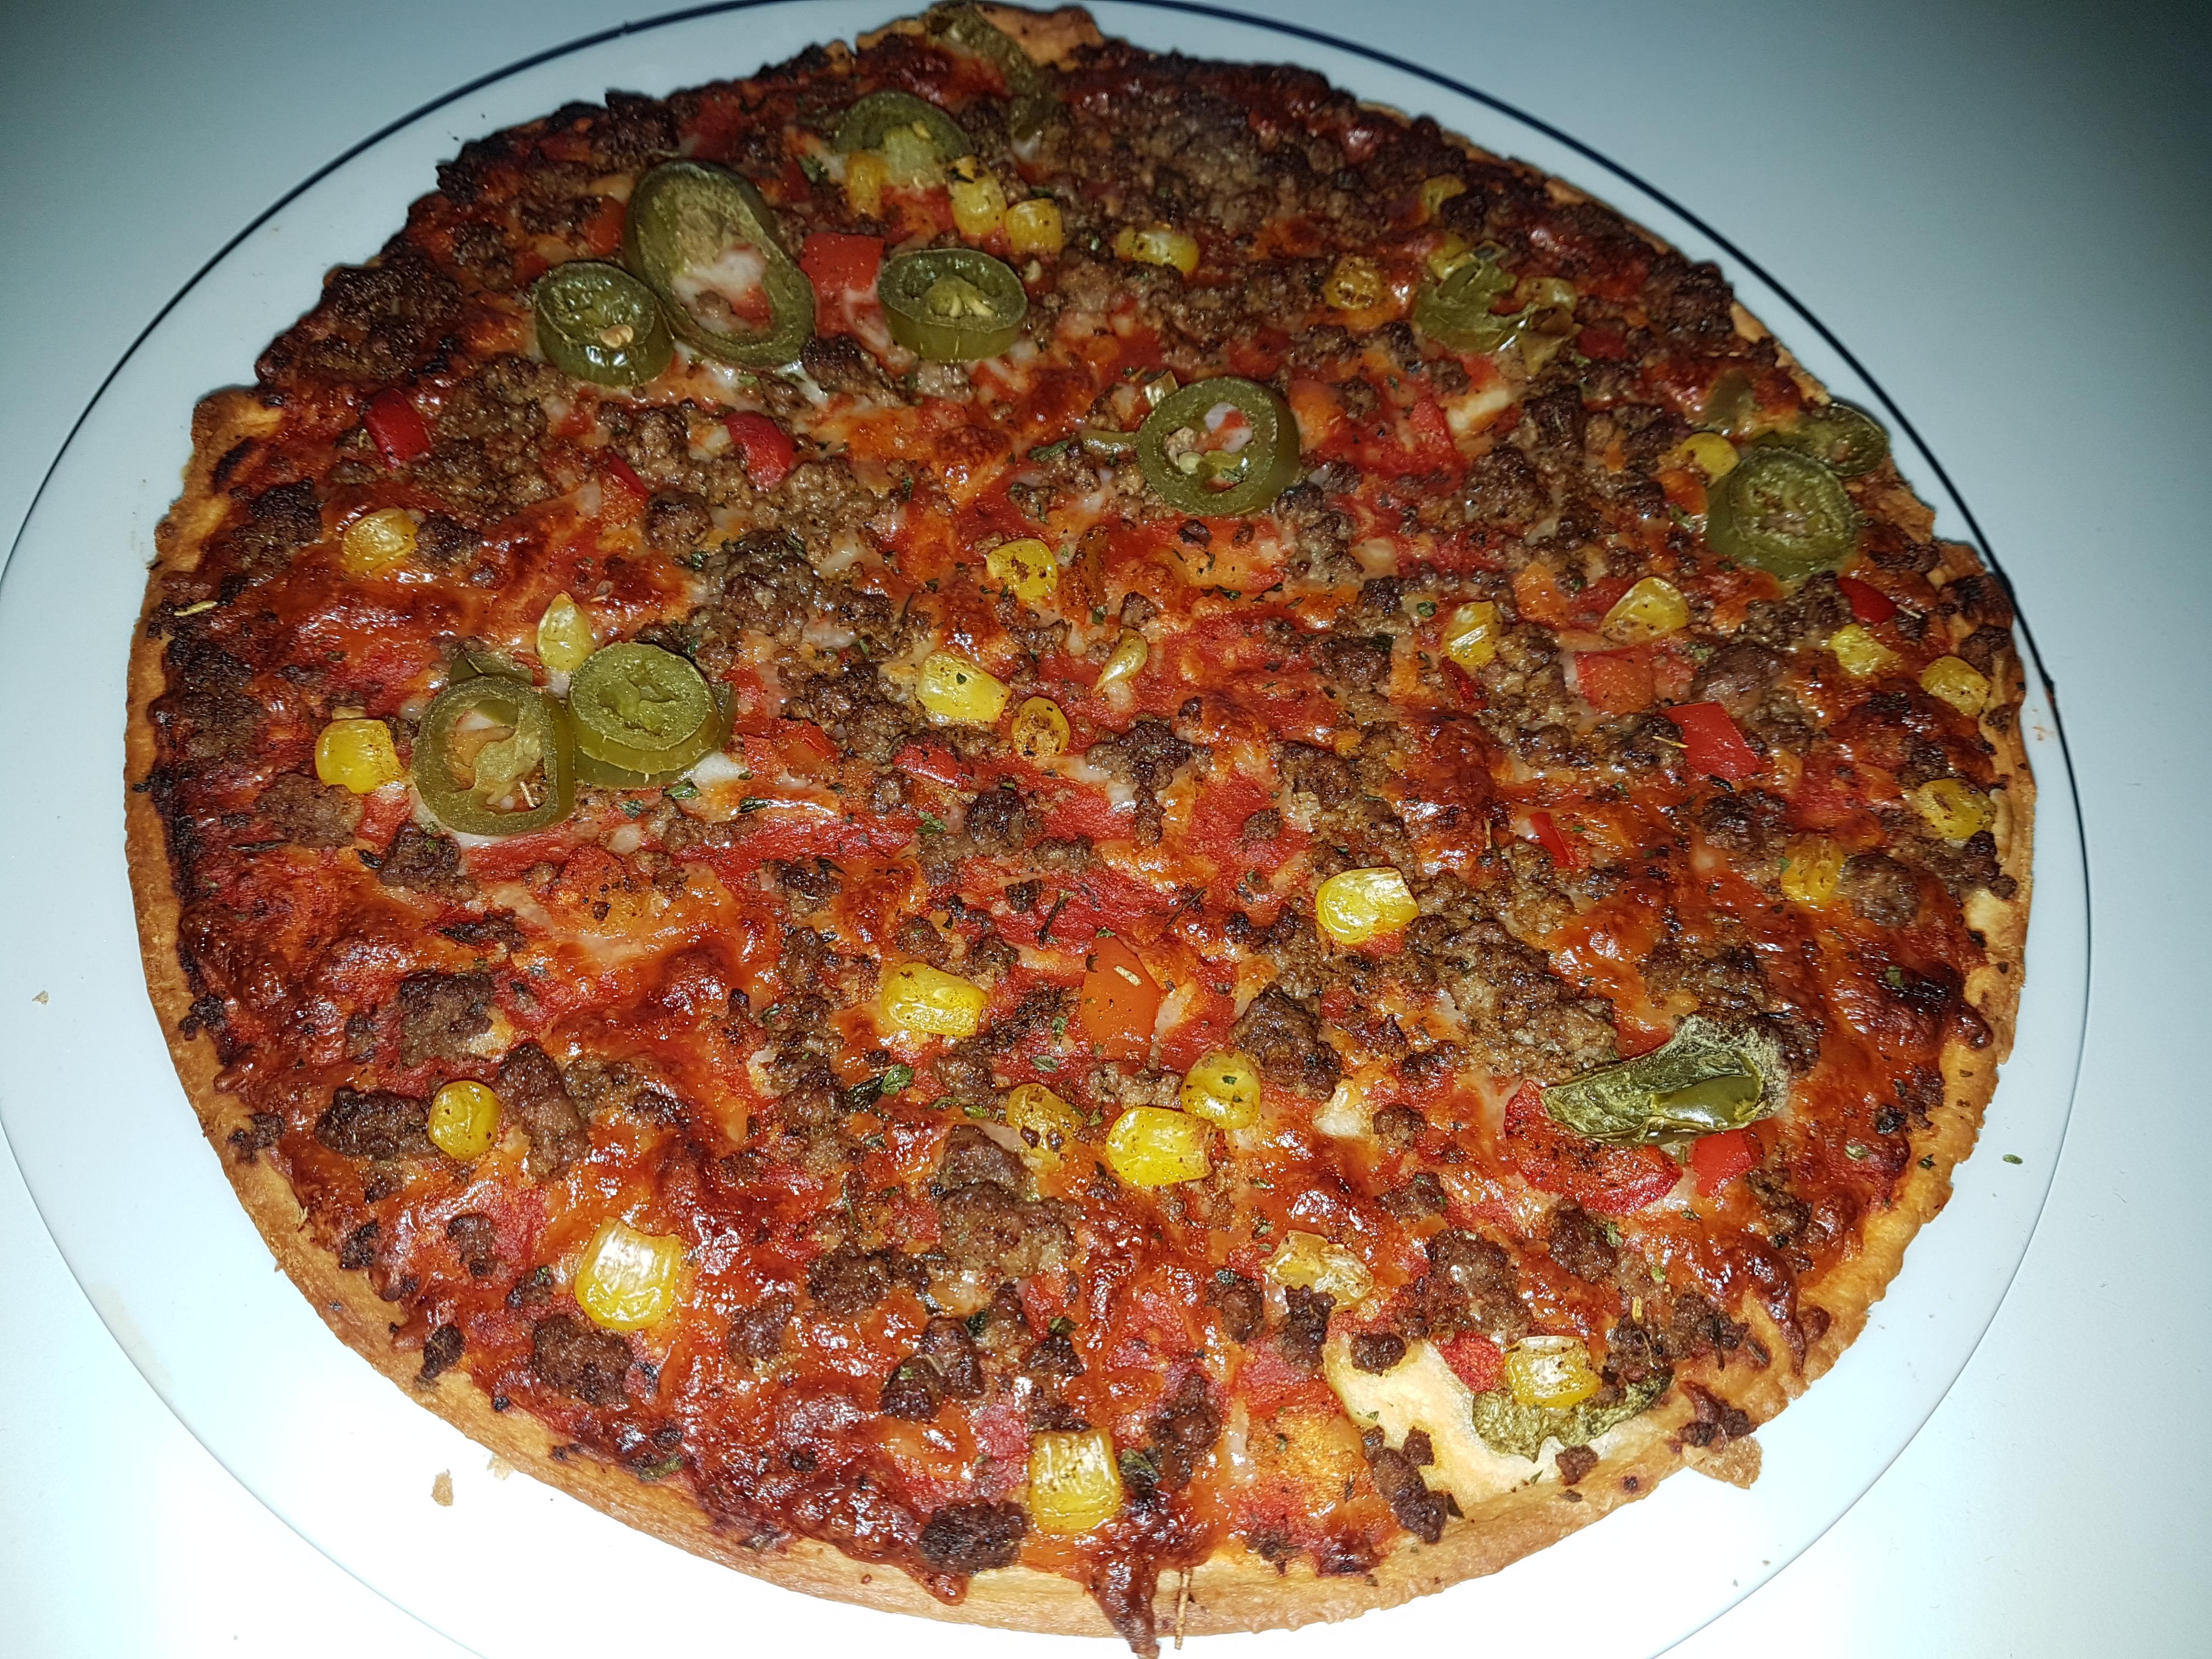 https://foodloader.net/Holz_2018-01-03_Pizza.jpg